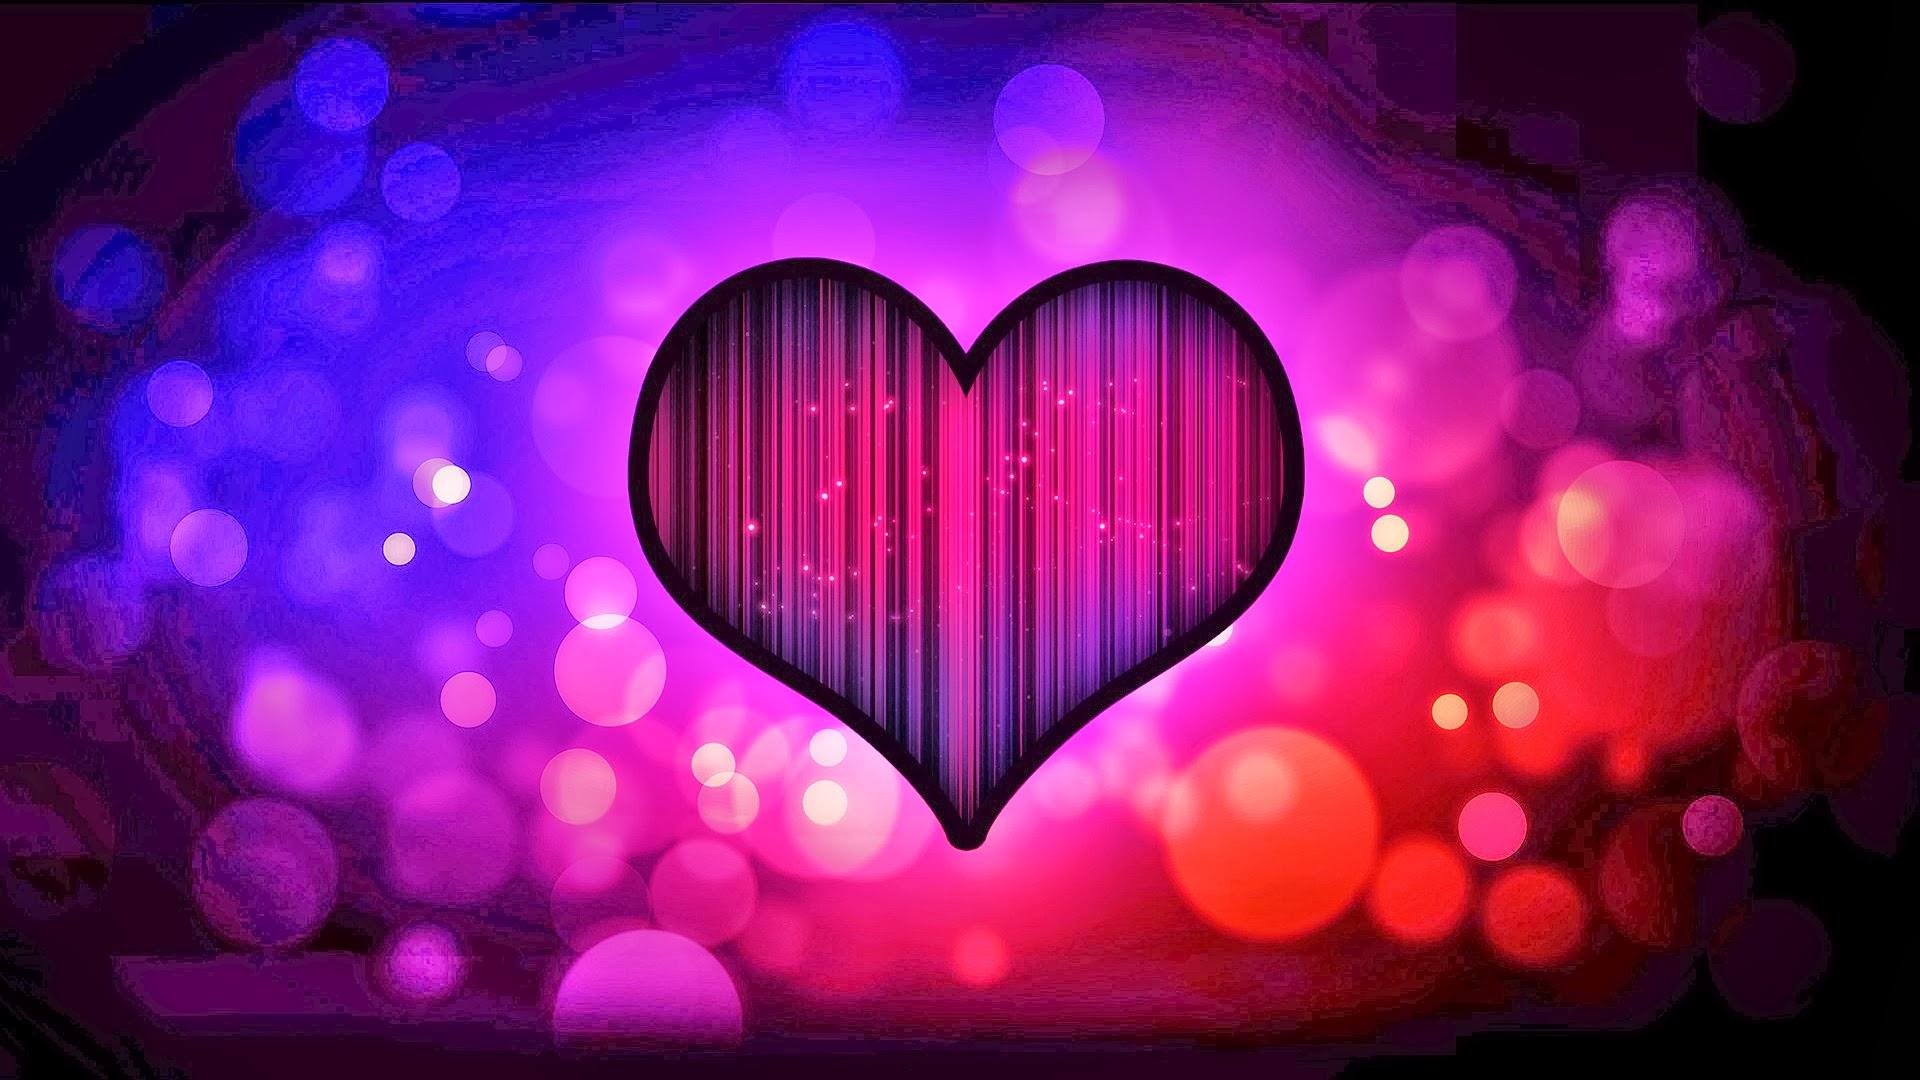 HD Hearts Wallpaper - WallpaperSafari  Abstract